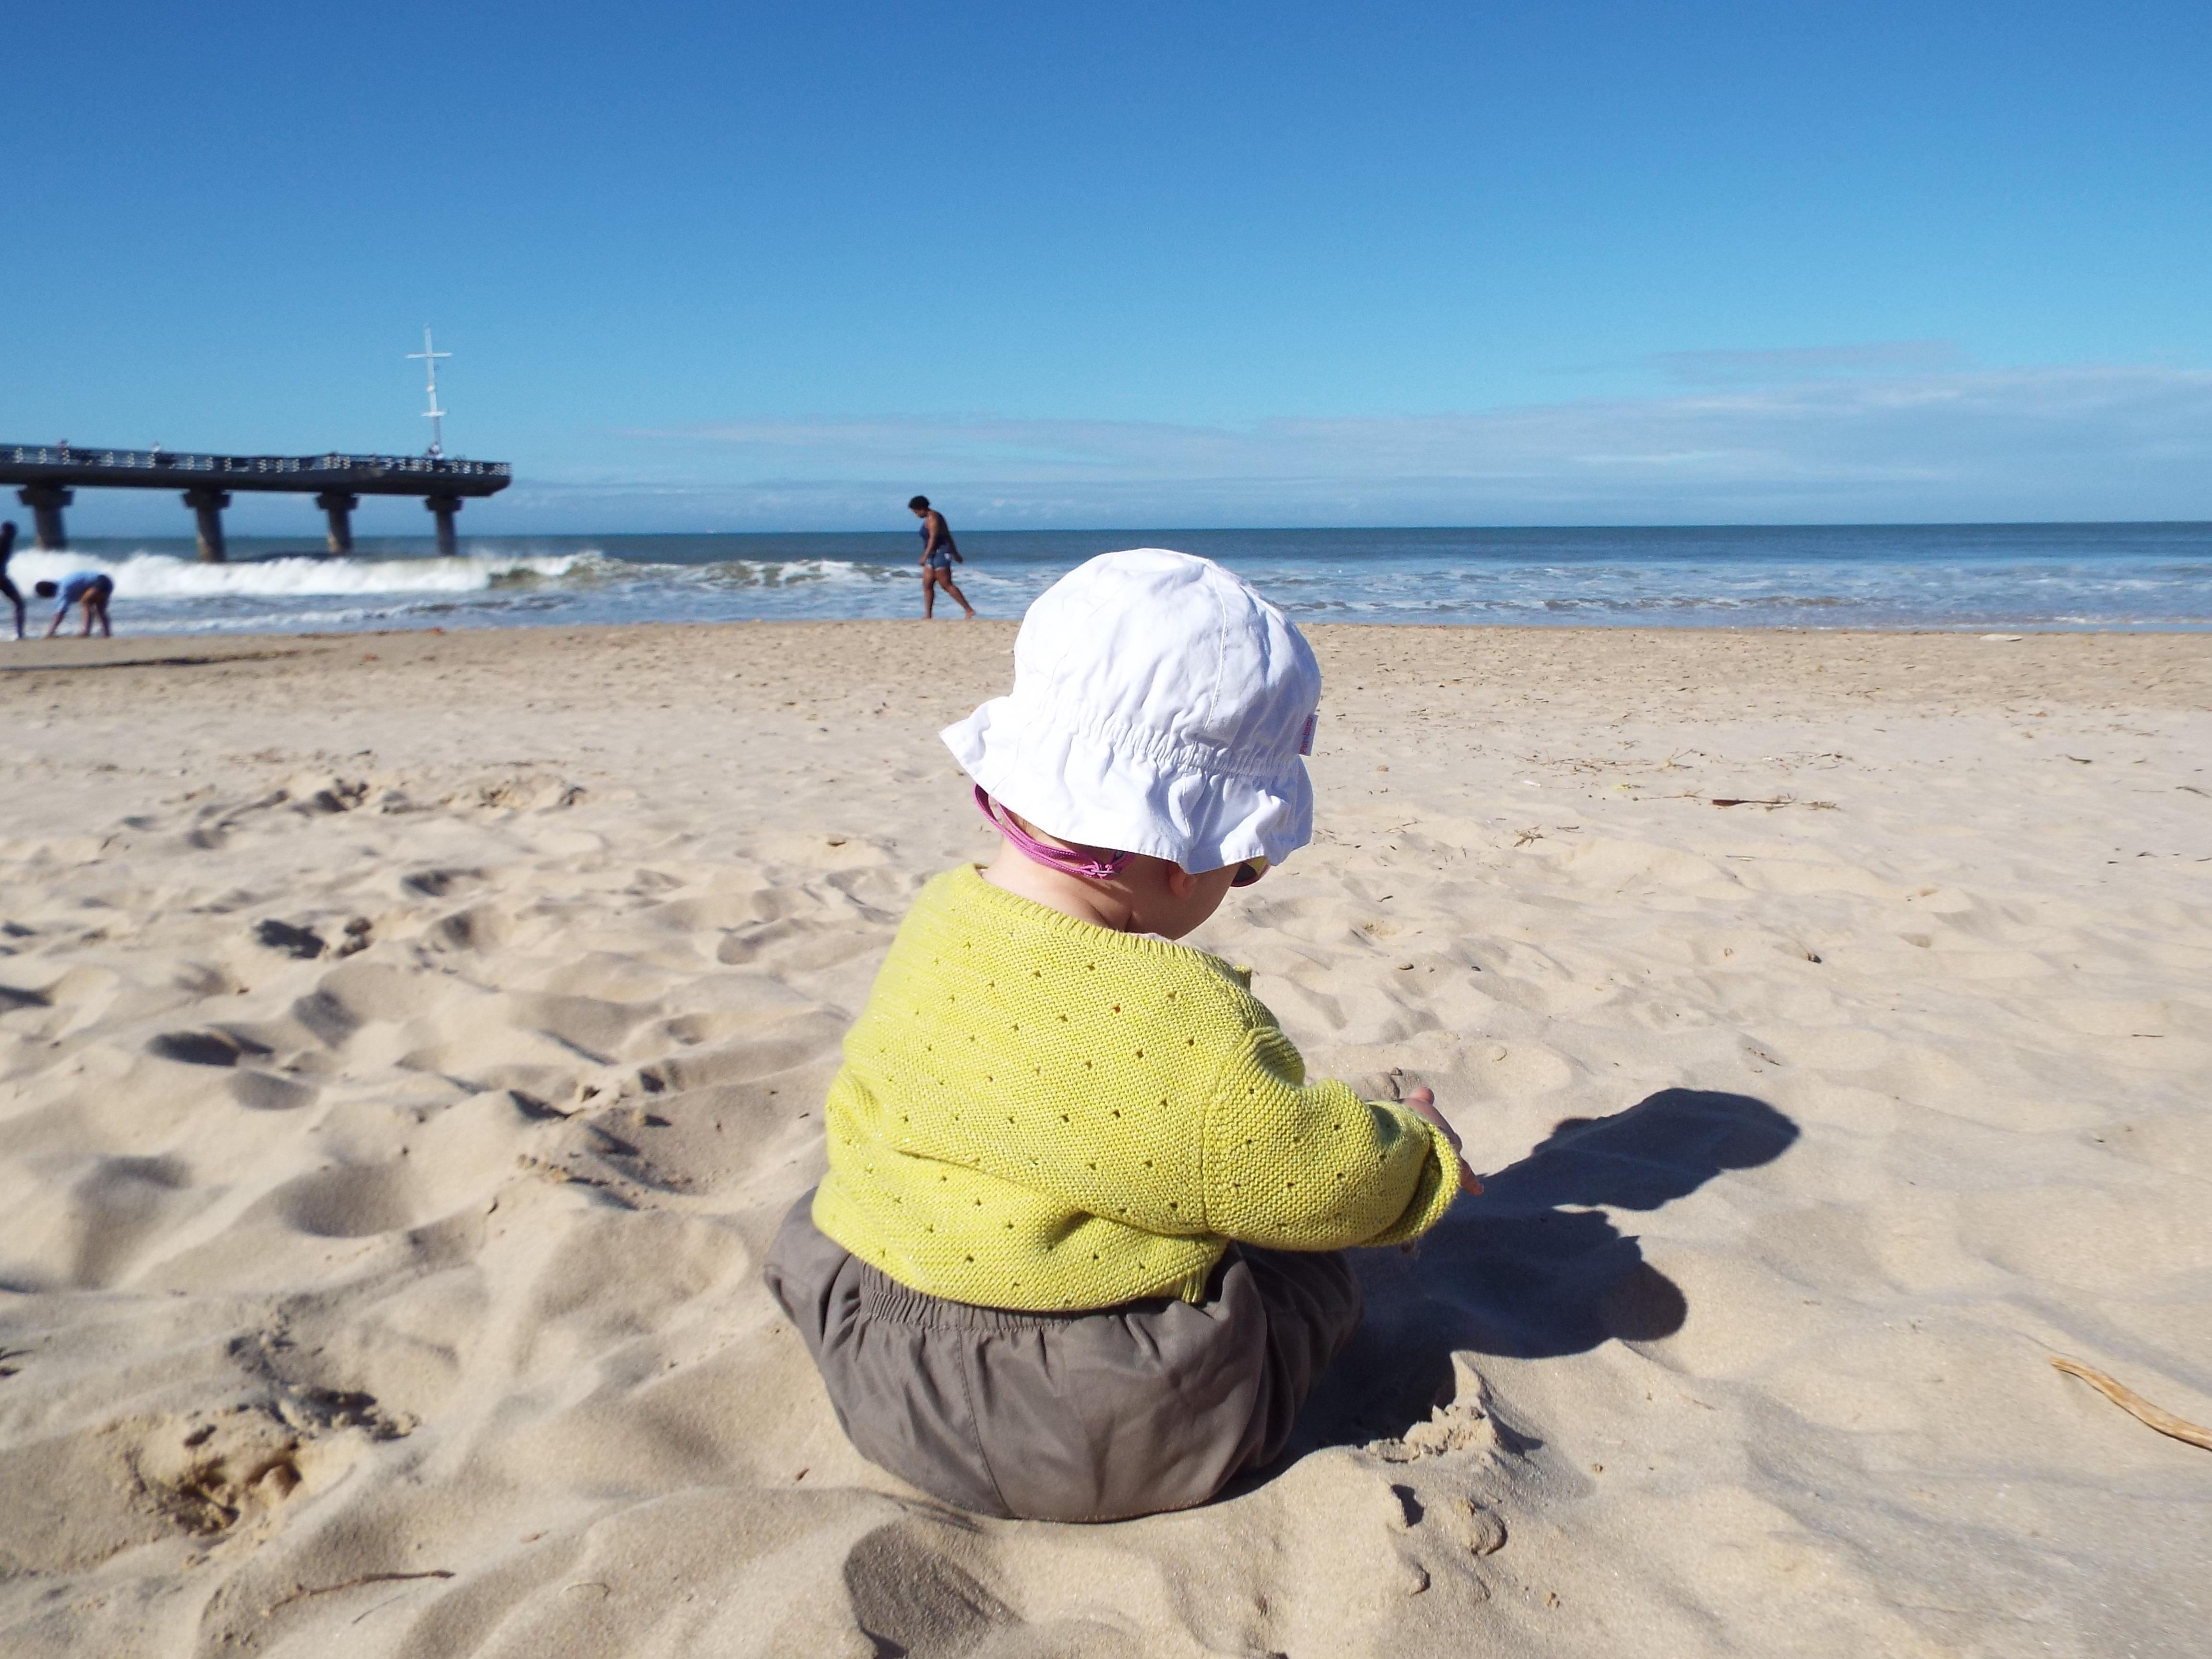 Nous optons principalement pour des activités à la plage, nature et animaux. La durée des activités n'est jamais très longue mais notre fille découvre de nouveaux environnements. Nous la voyons heureuse. / crédit photo  Amandine Deslangles et Clément Pilchen